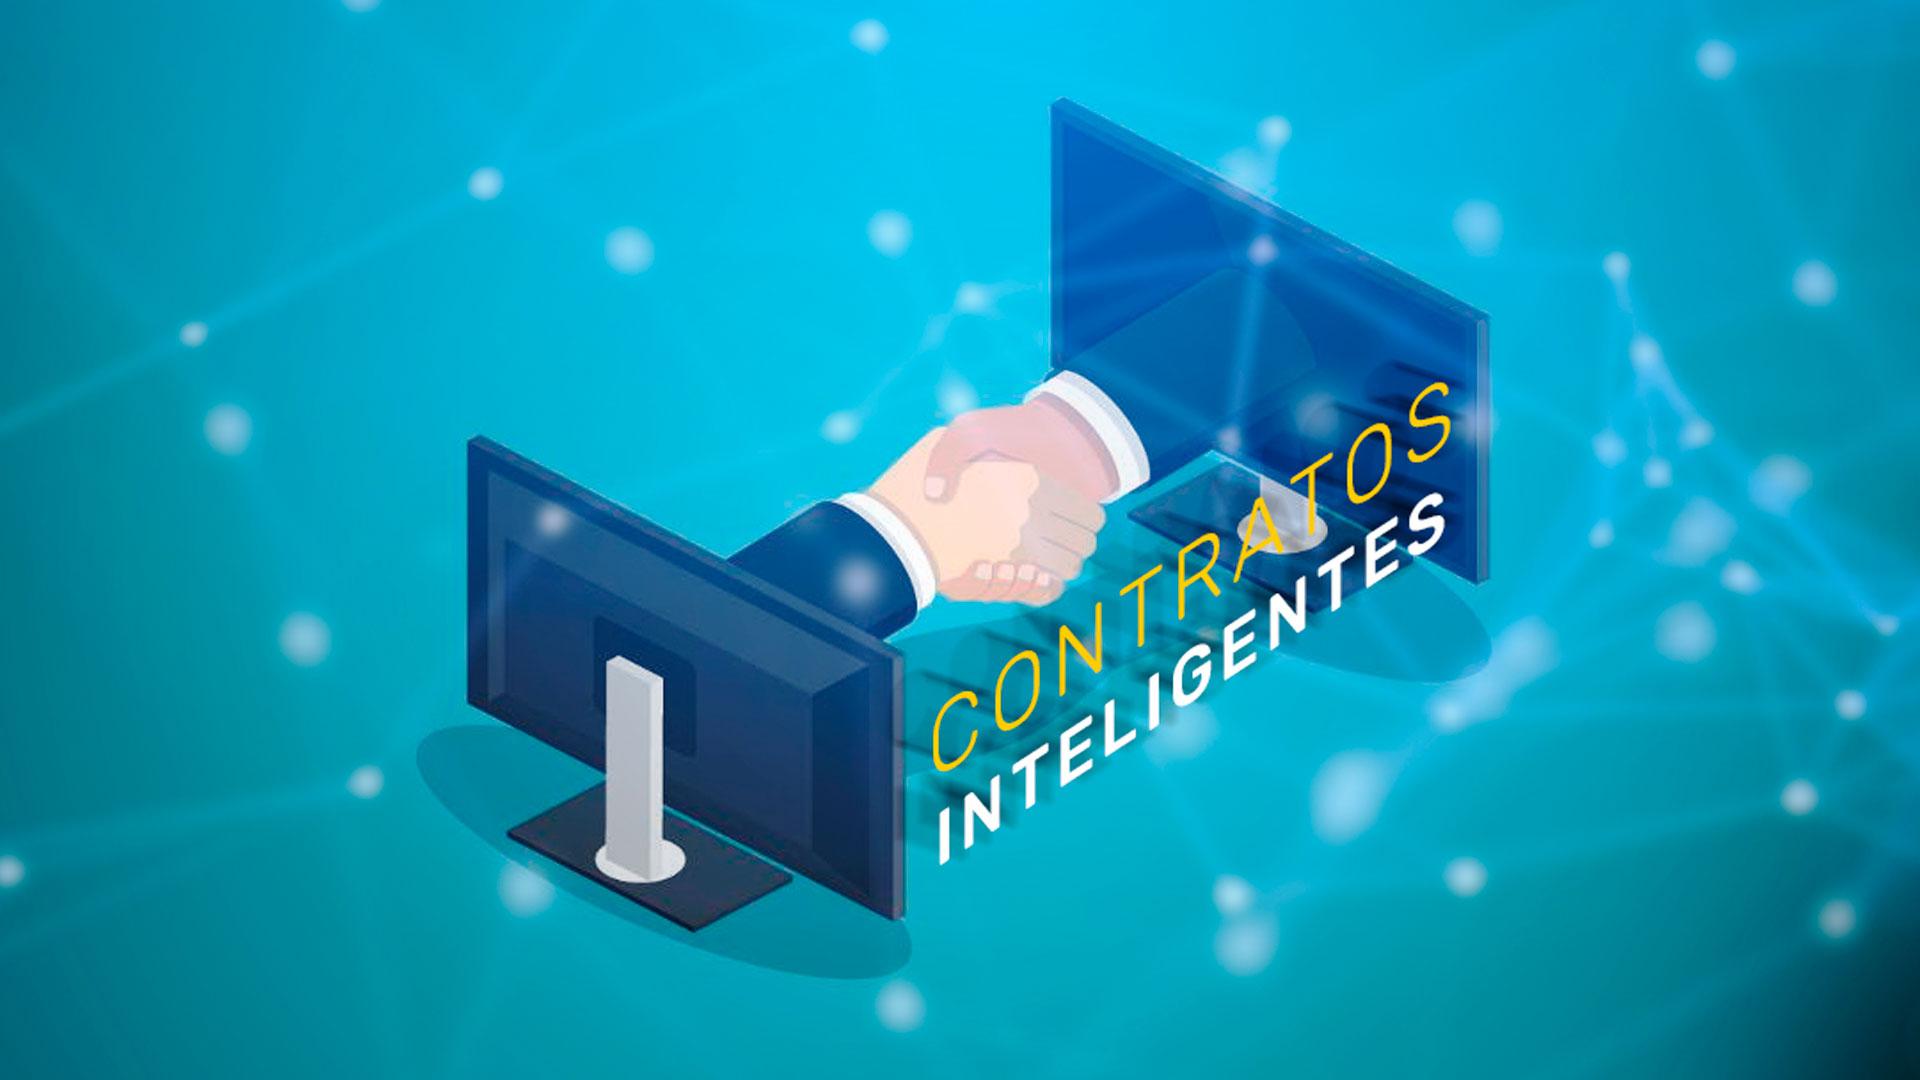 Contratos inteligentes: redefiniendo el mundo de los negocios